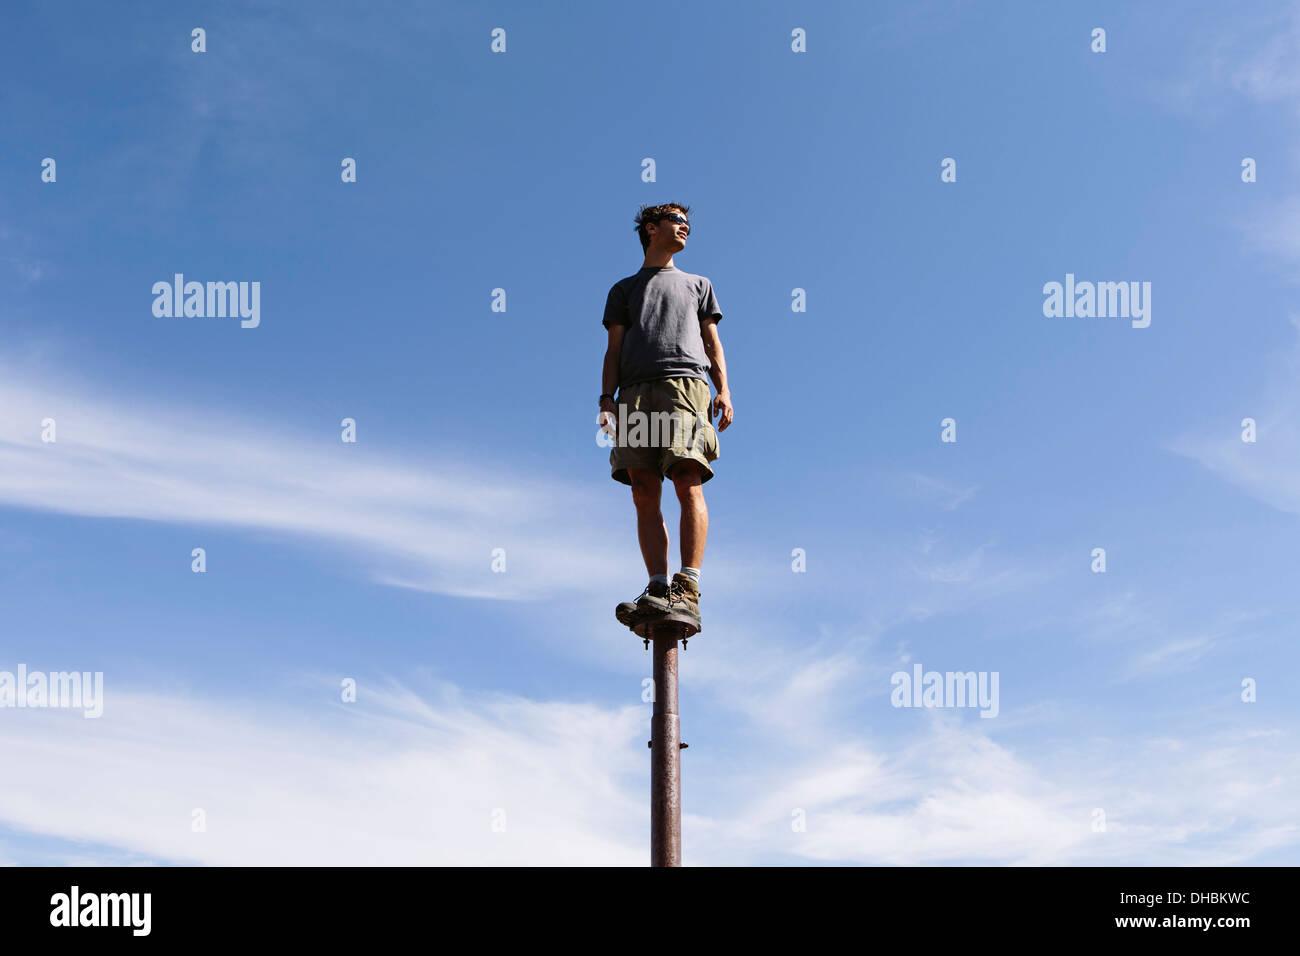 Hombre de equilibrio permanente sobre metal post mirando hacia el inmenso cielo sorpresa lagos alpinos de montaña Imagen De Stock